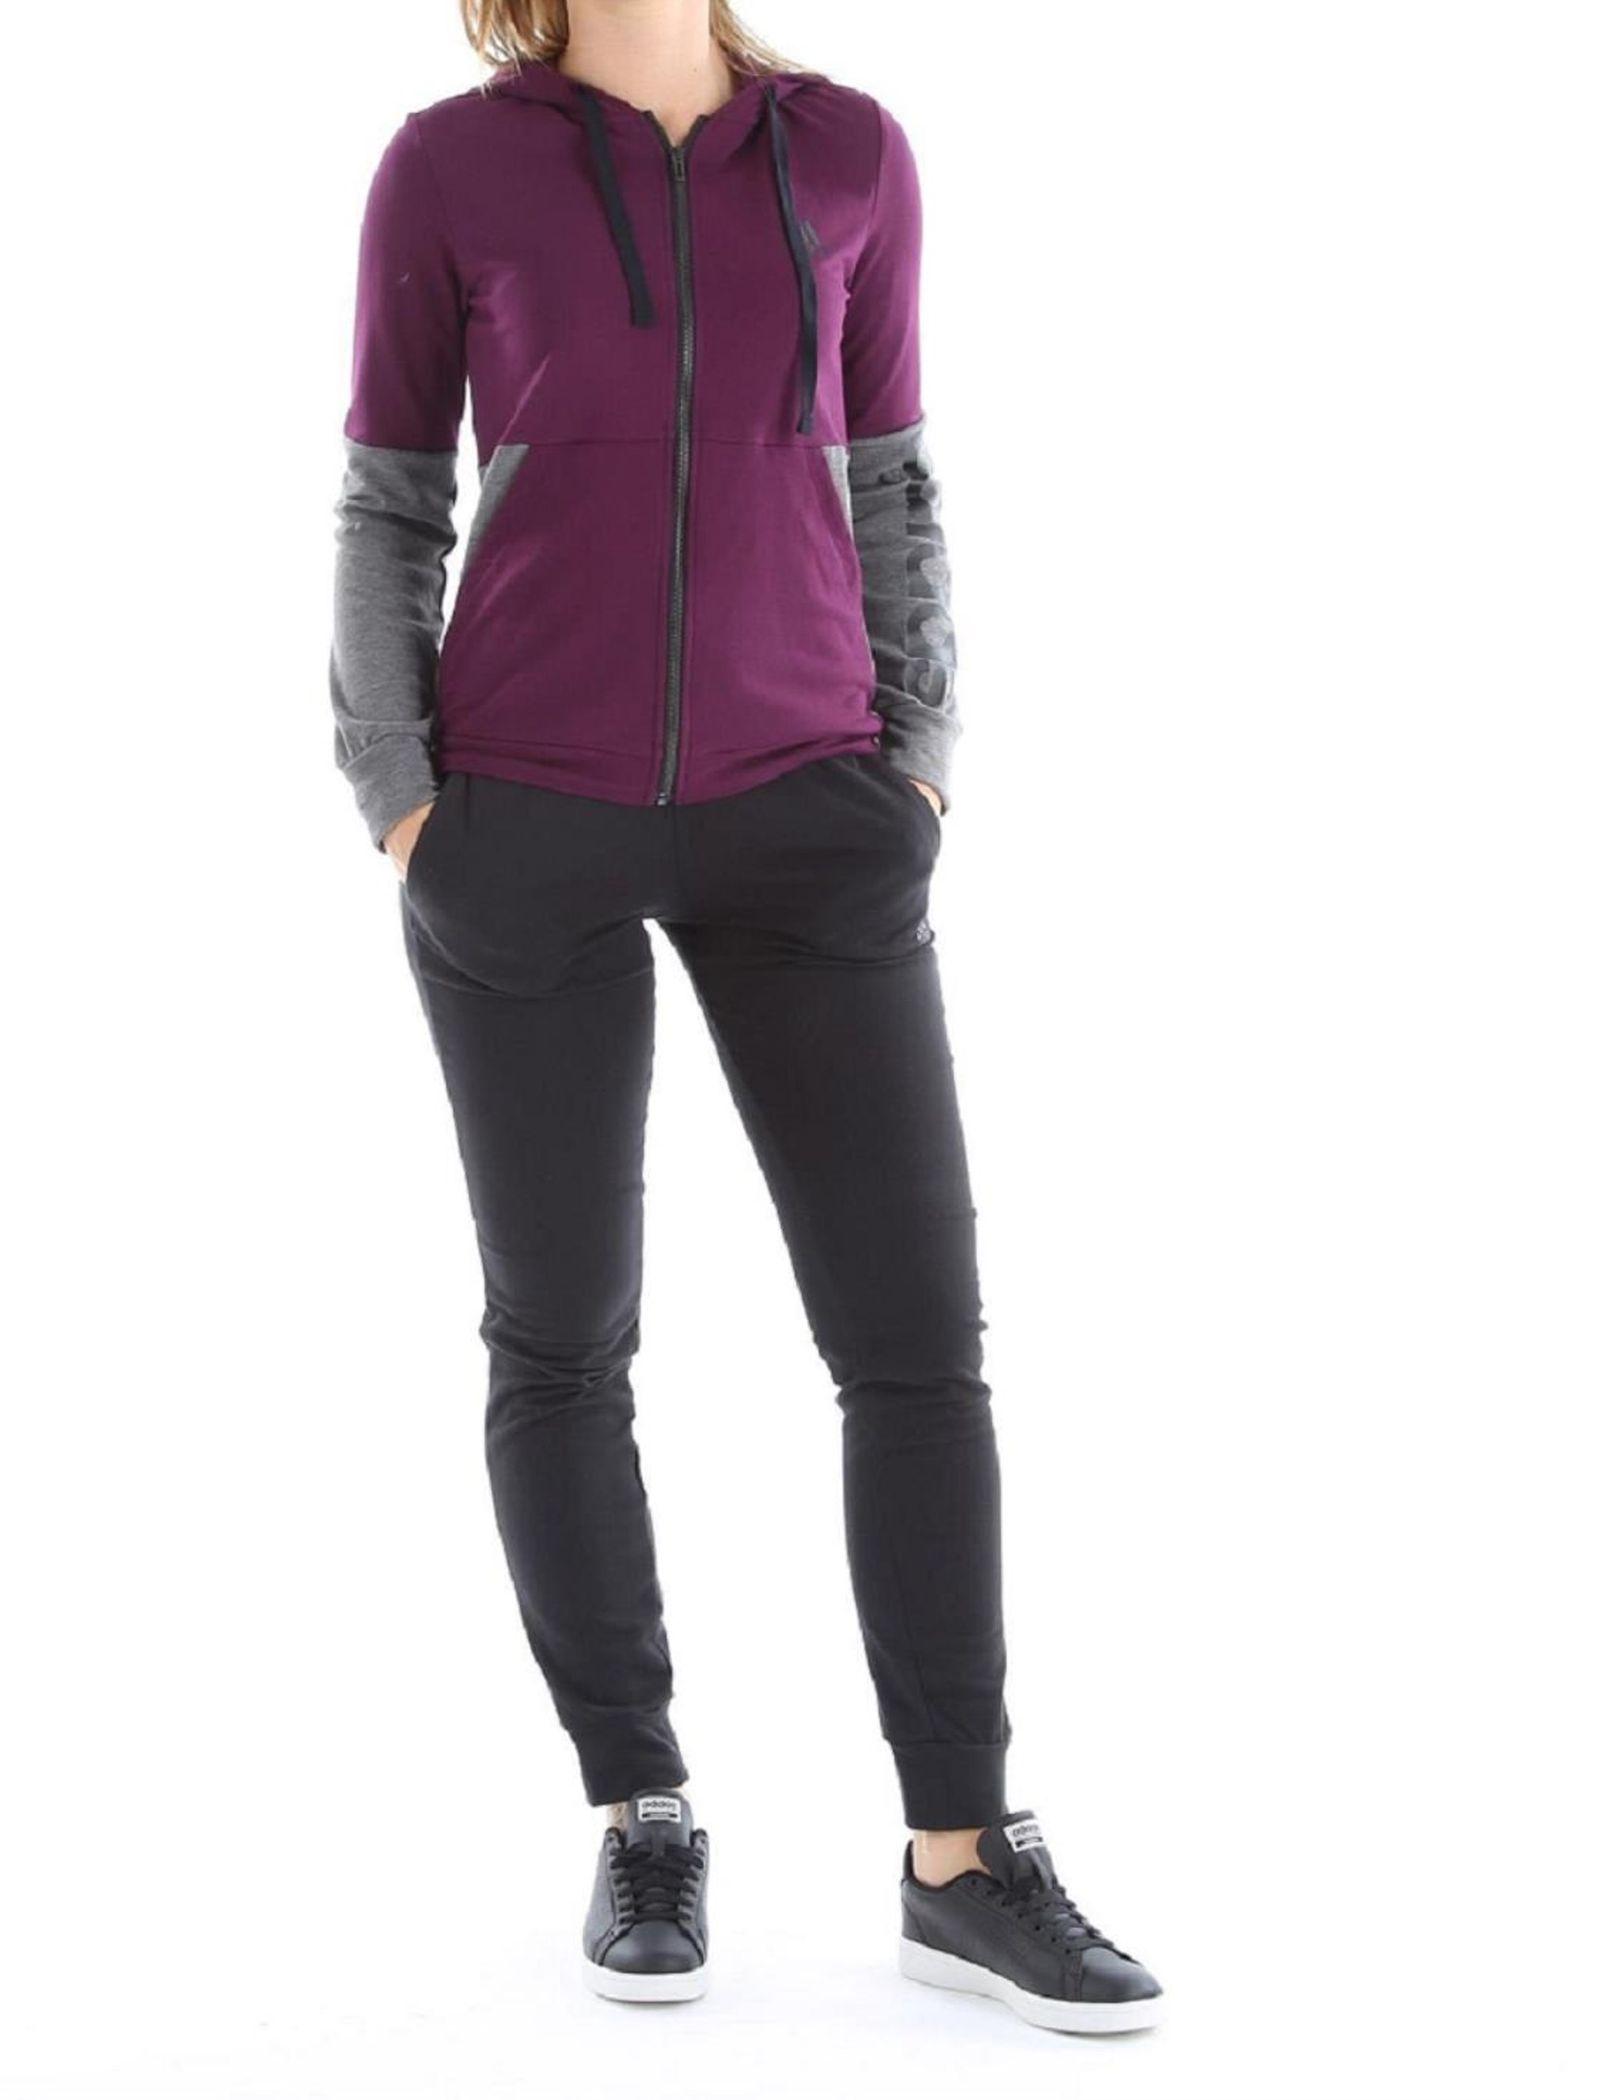 ست گرمکن ورزشی نخی زنانه - آدیداس - بنفش - 2